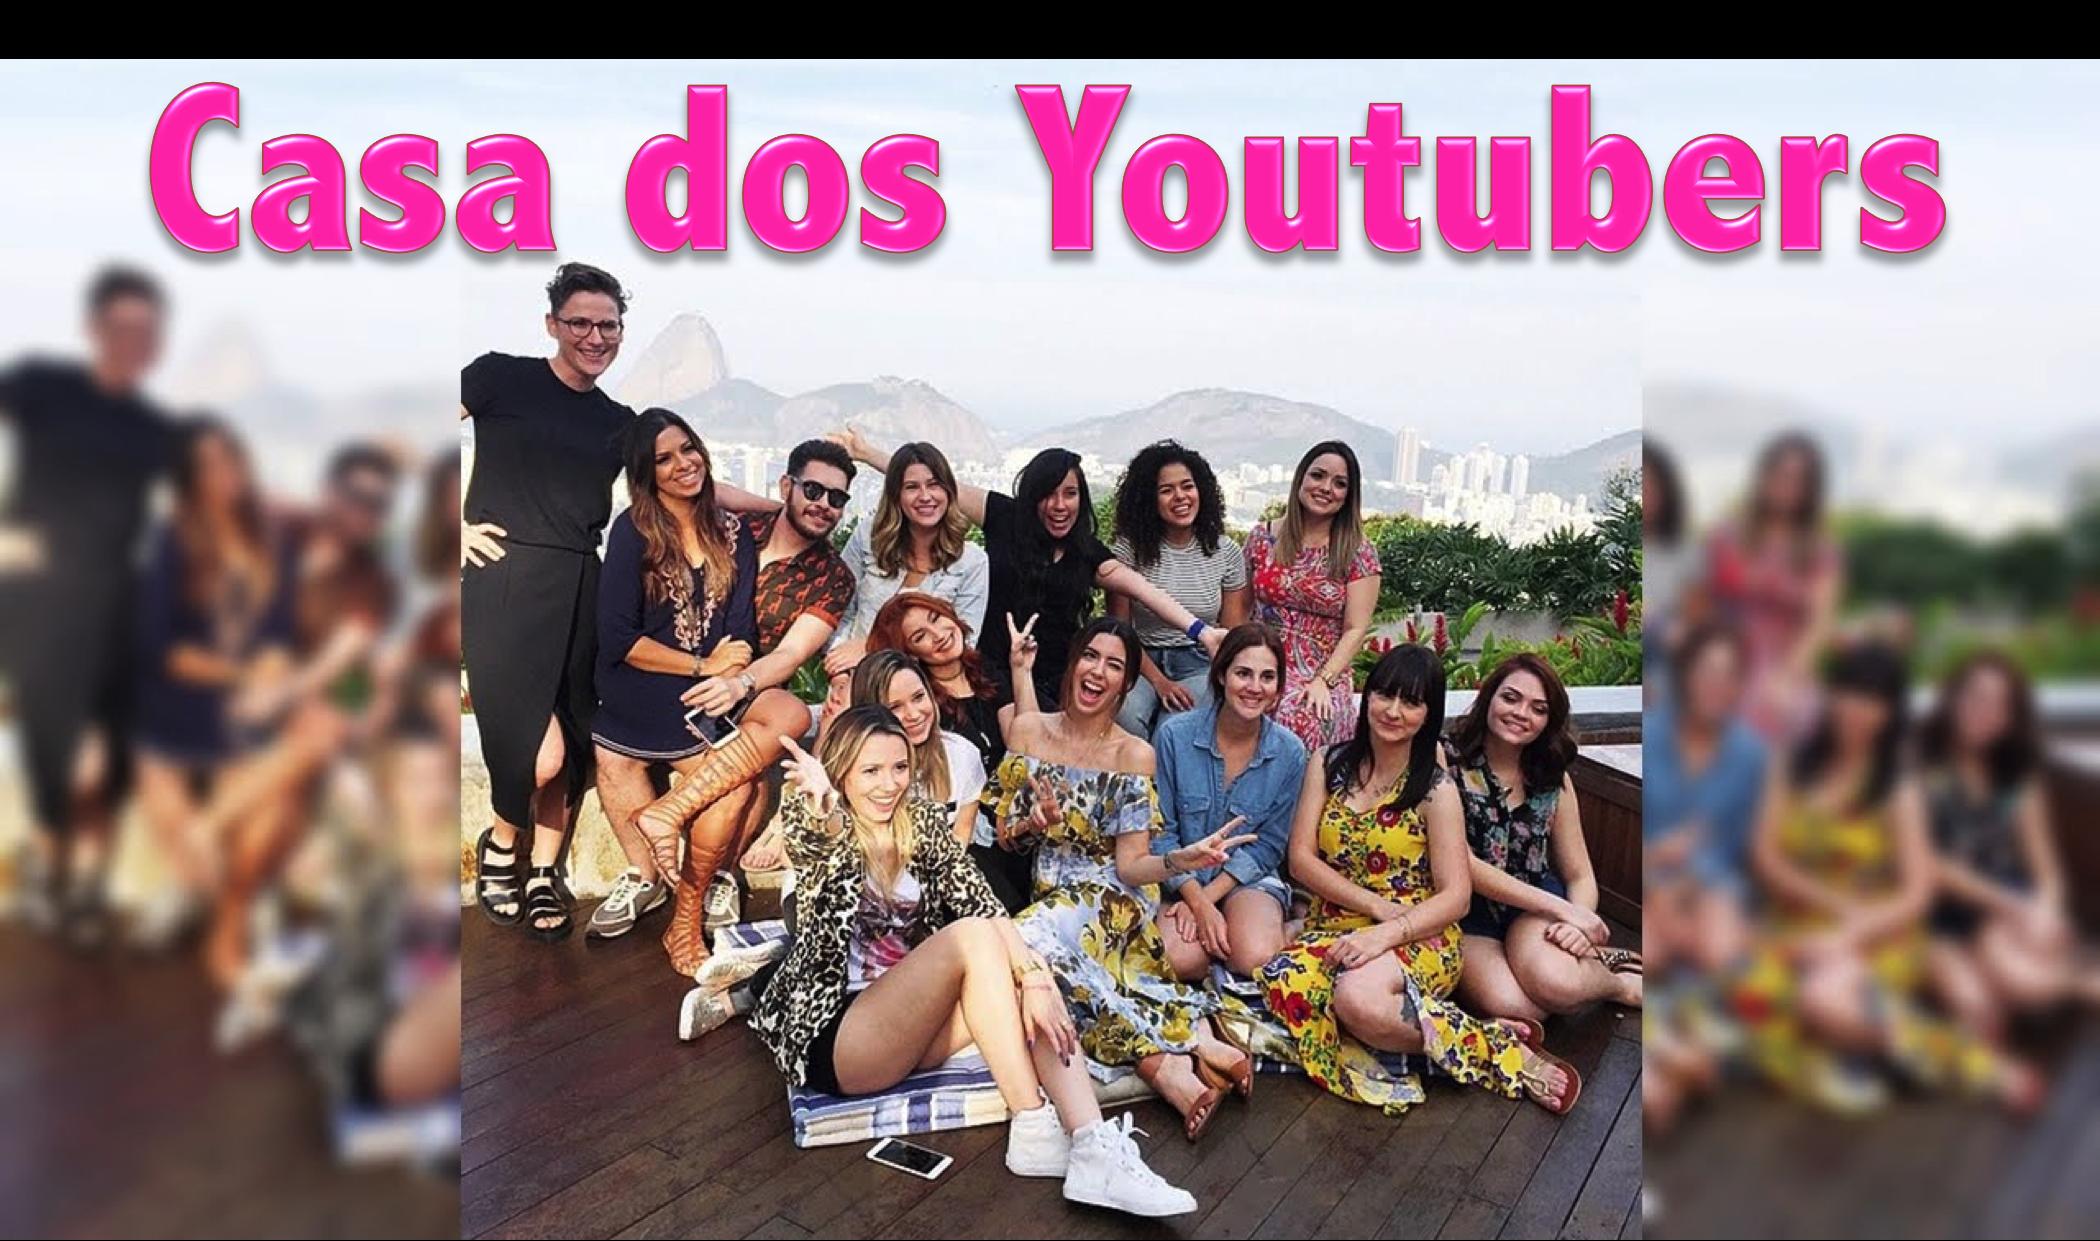 casa dos youtubers, #casadosyoutubers, camila coutinho, taciele alcolea, boca rosa, evelyn regly, bruna vieira, niina secrets, youtube,